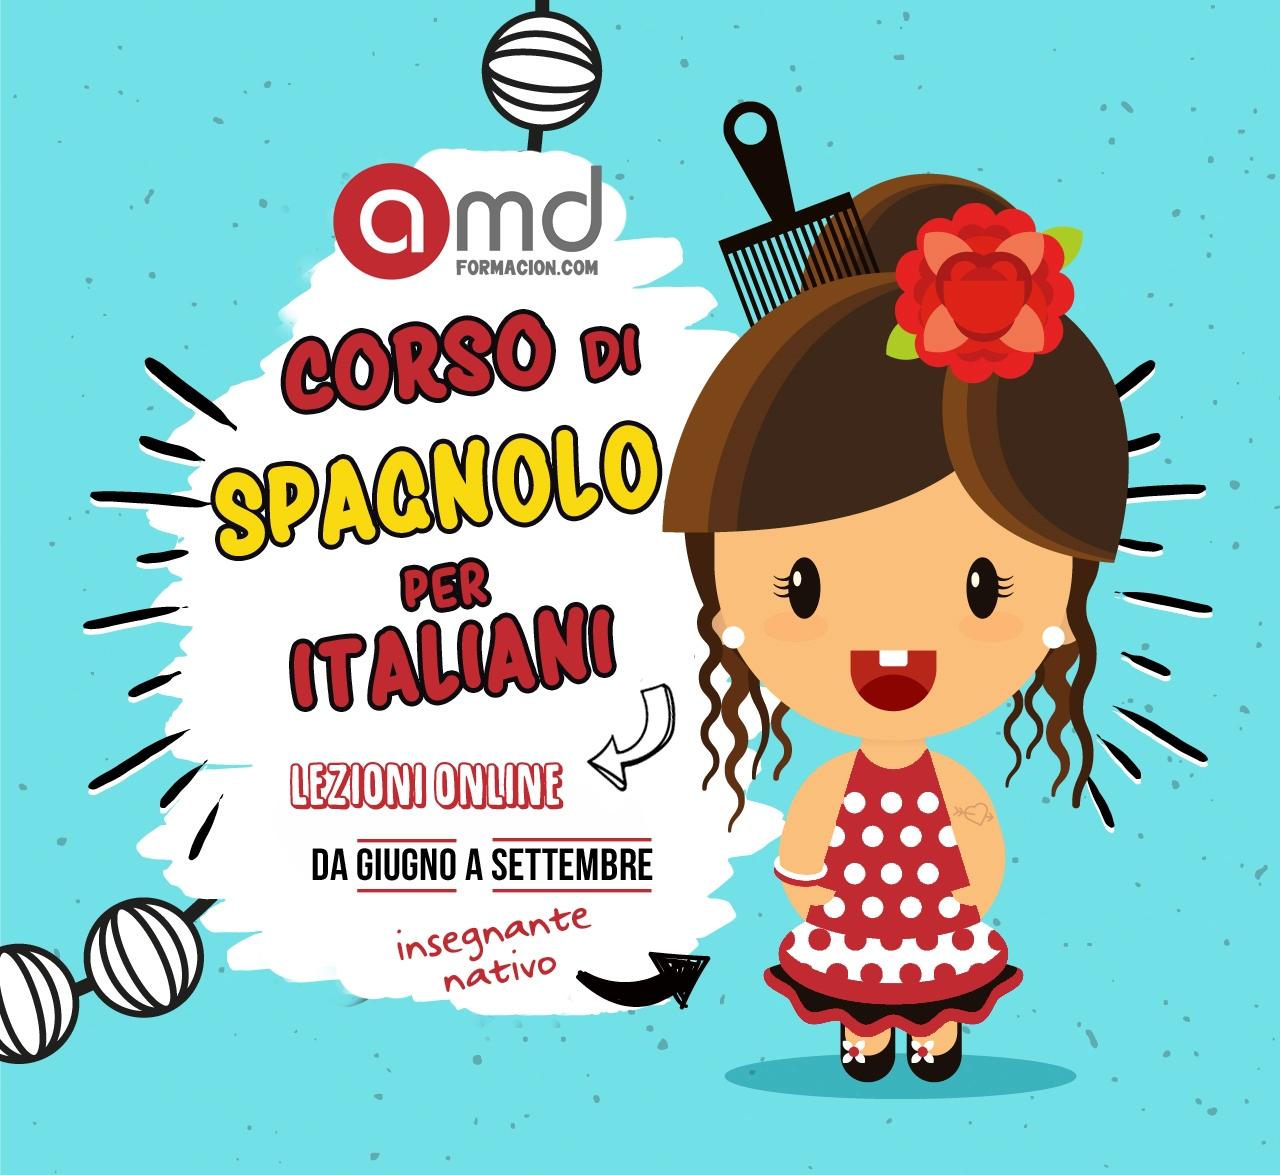 Spagnolo per italiani